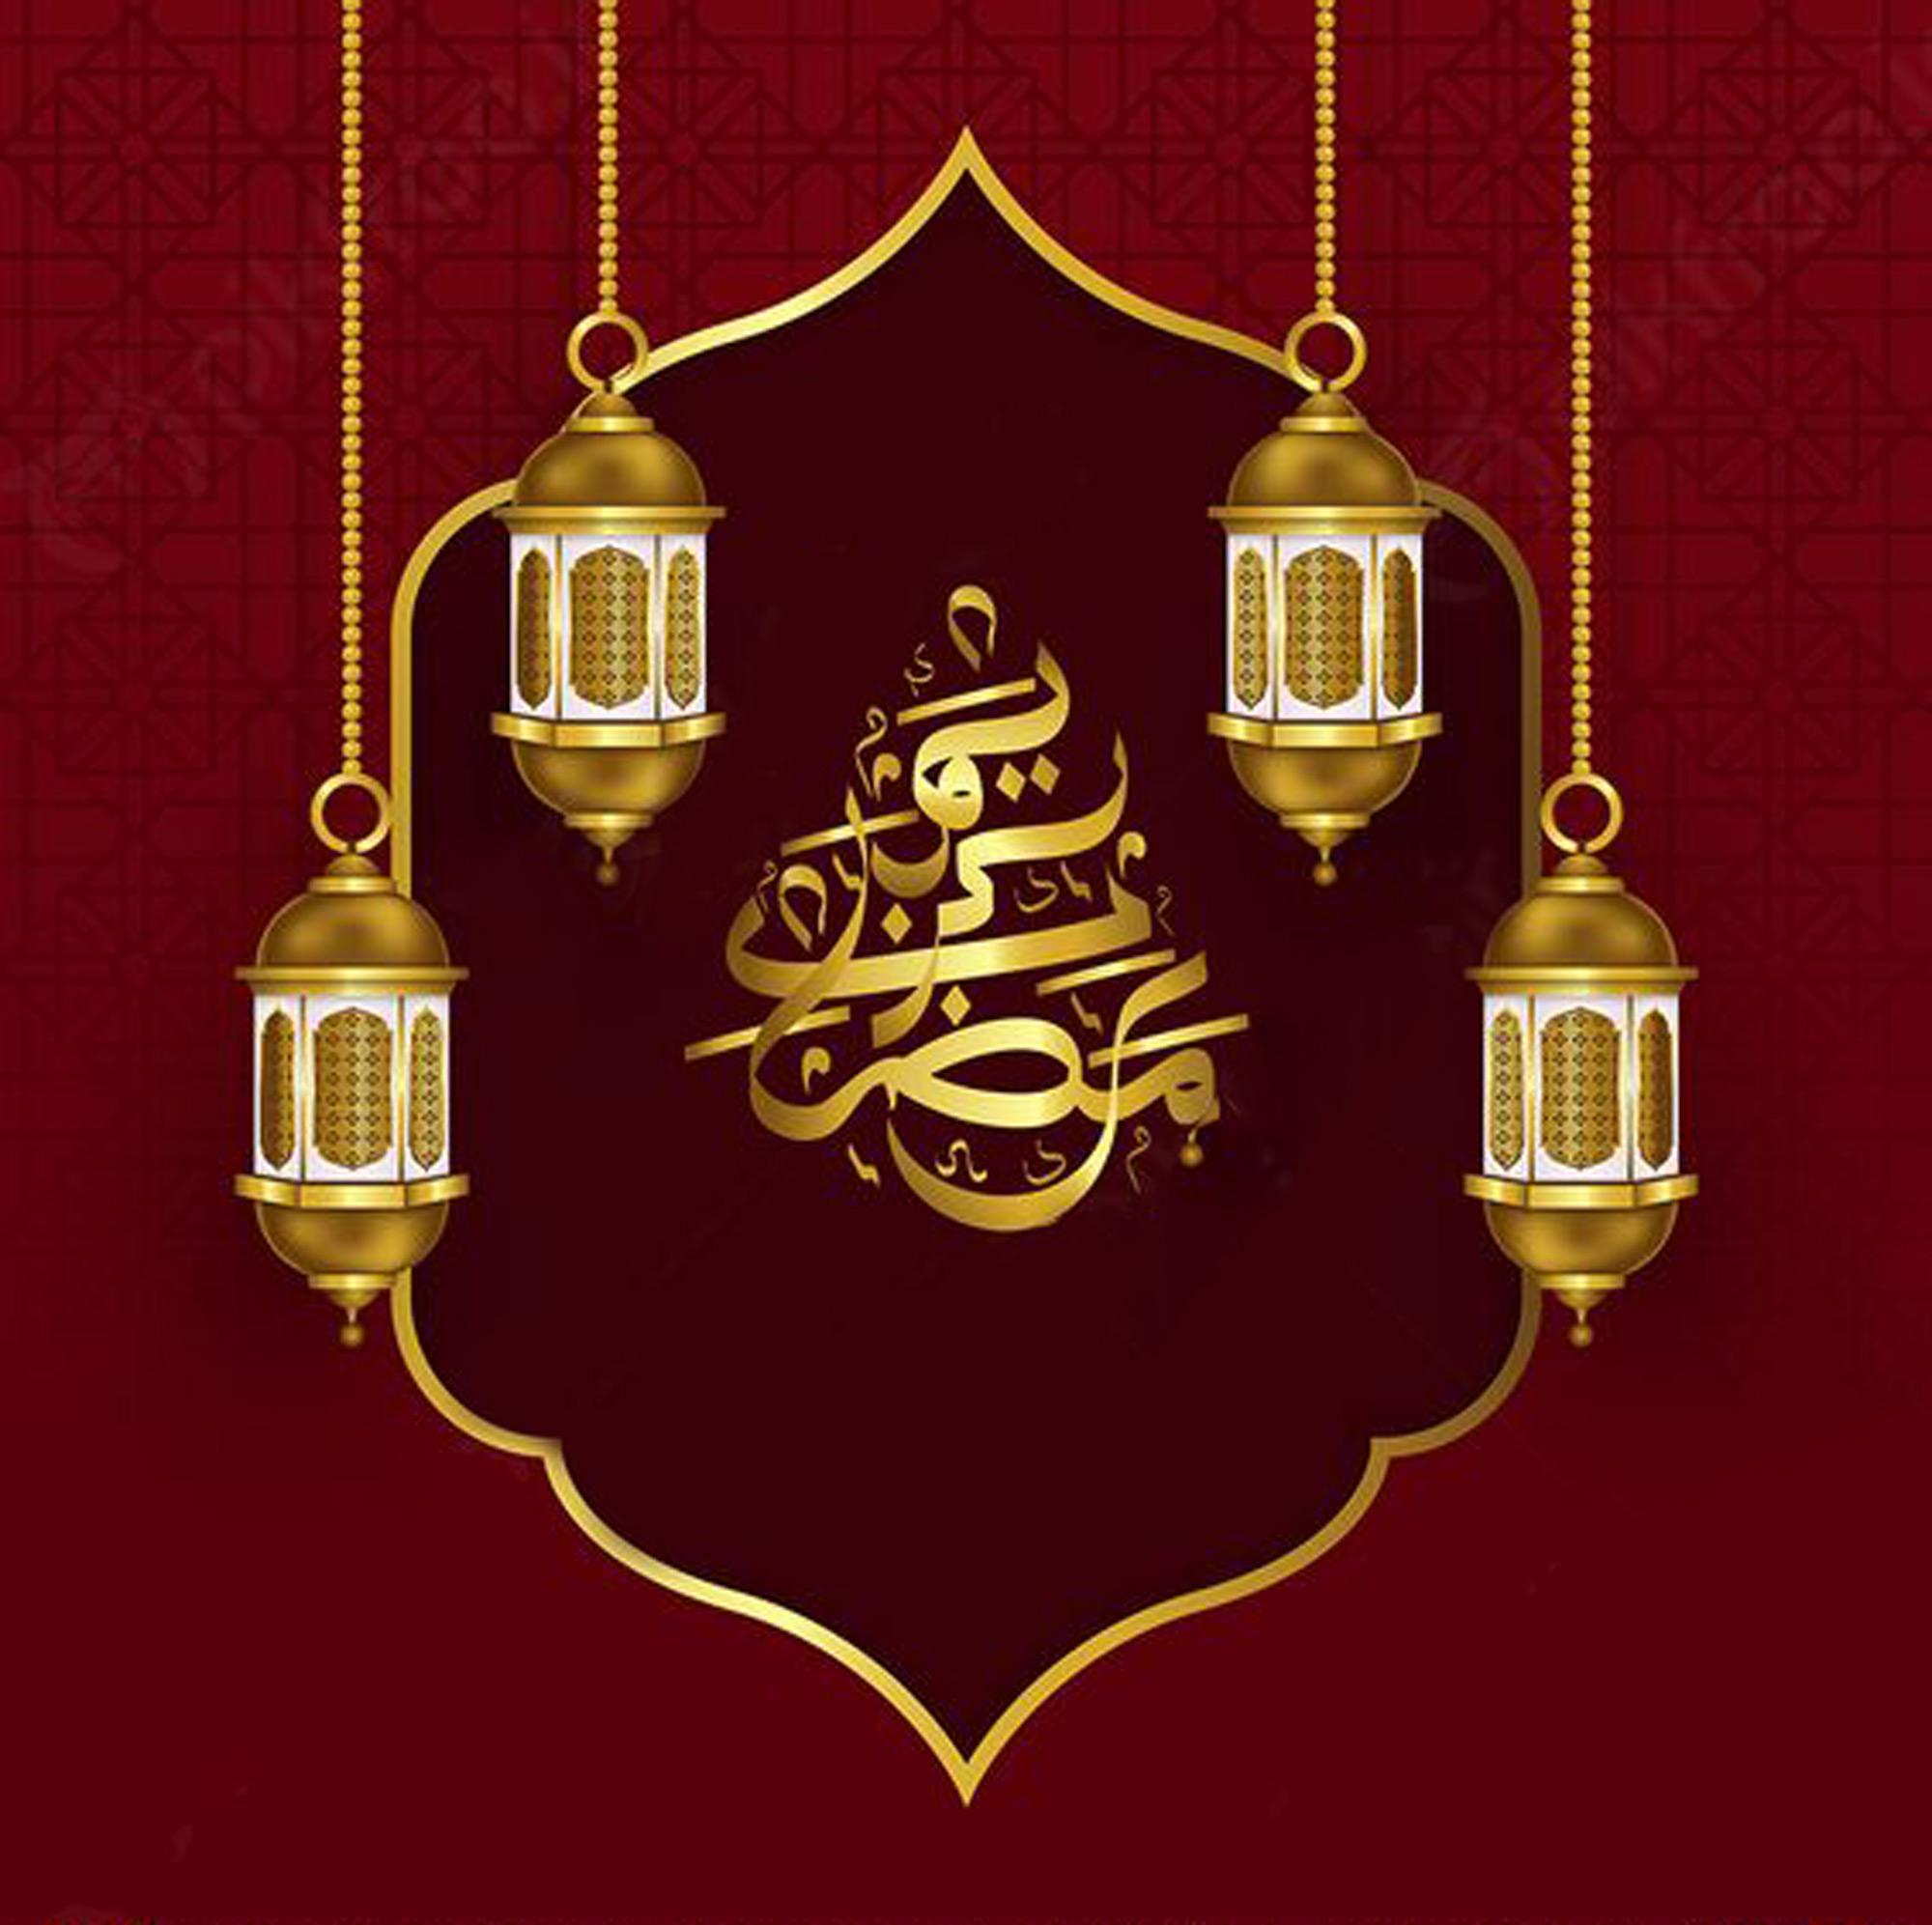 تصویر گرافیکی مخصوص ماه رمضان